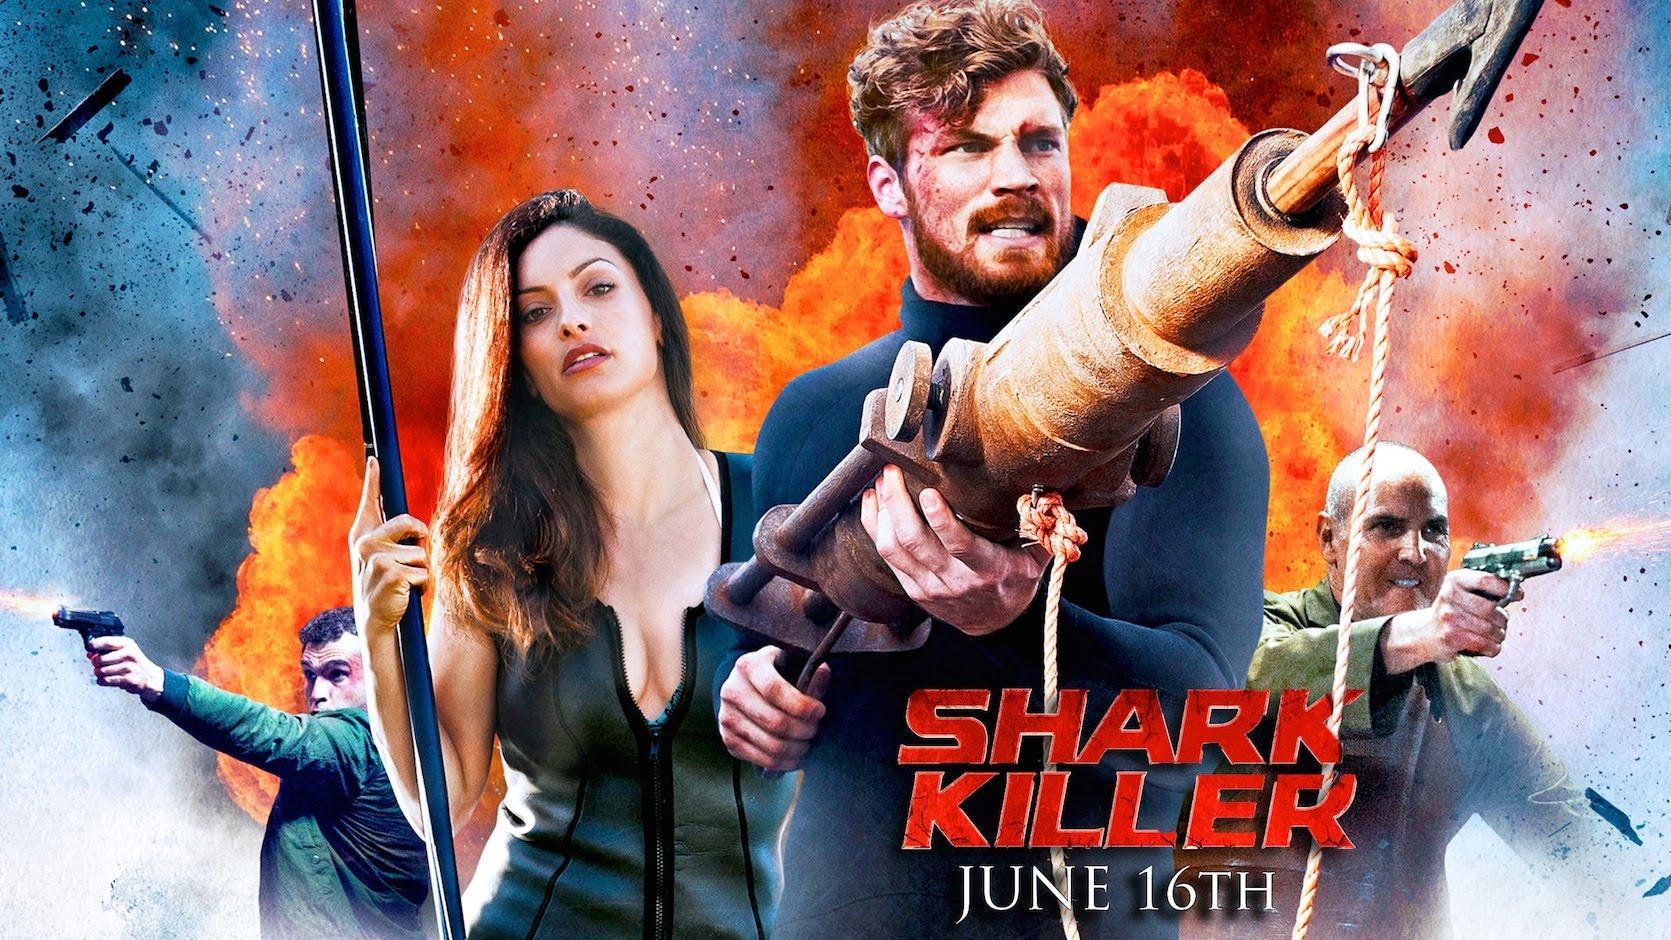 مشاهدة فيلم Shark Killer 2015 HD مترجم كامل اون لاين